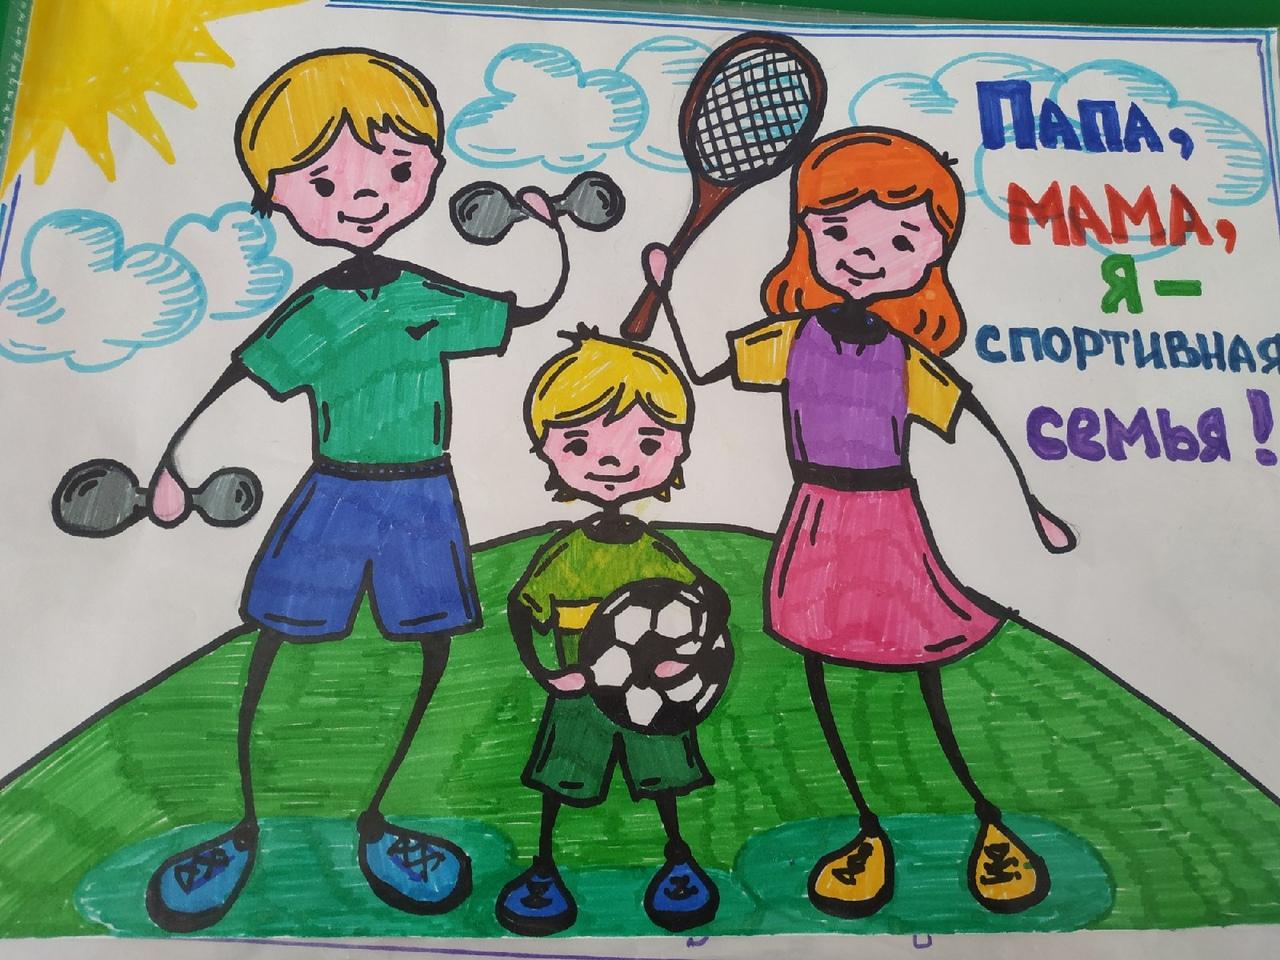 плакат мама папа я спортивная семья шаблоны обильно продолжительно цветущие